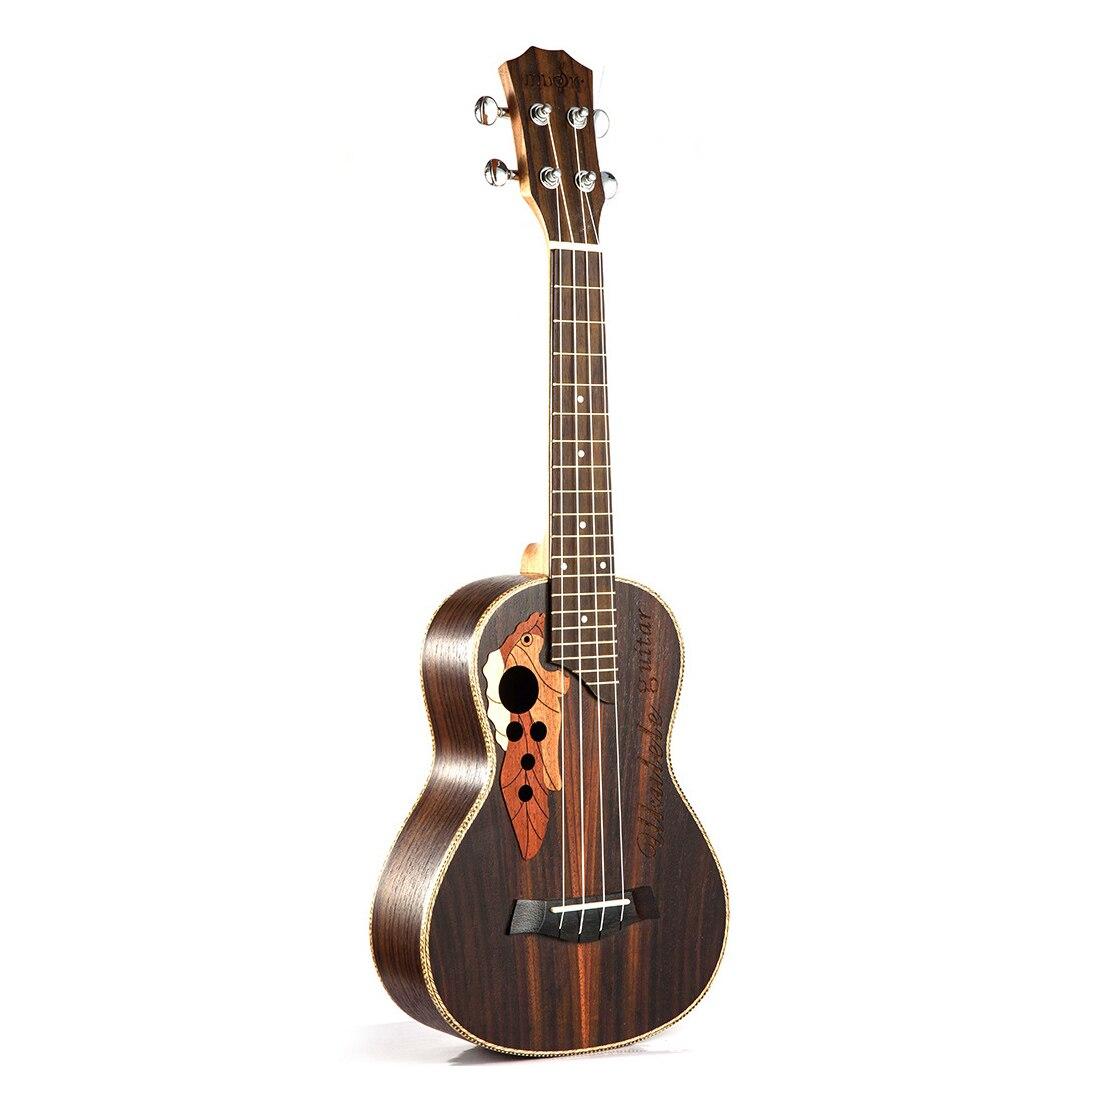 Ukulélé 23 ukulélé acoustique 4 cordes guitare Instrument à cordes de musique différents Types guitare Instruments de musique